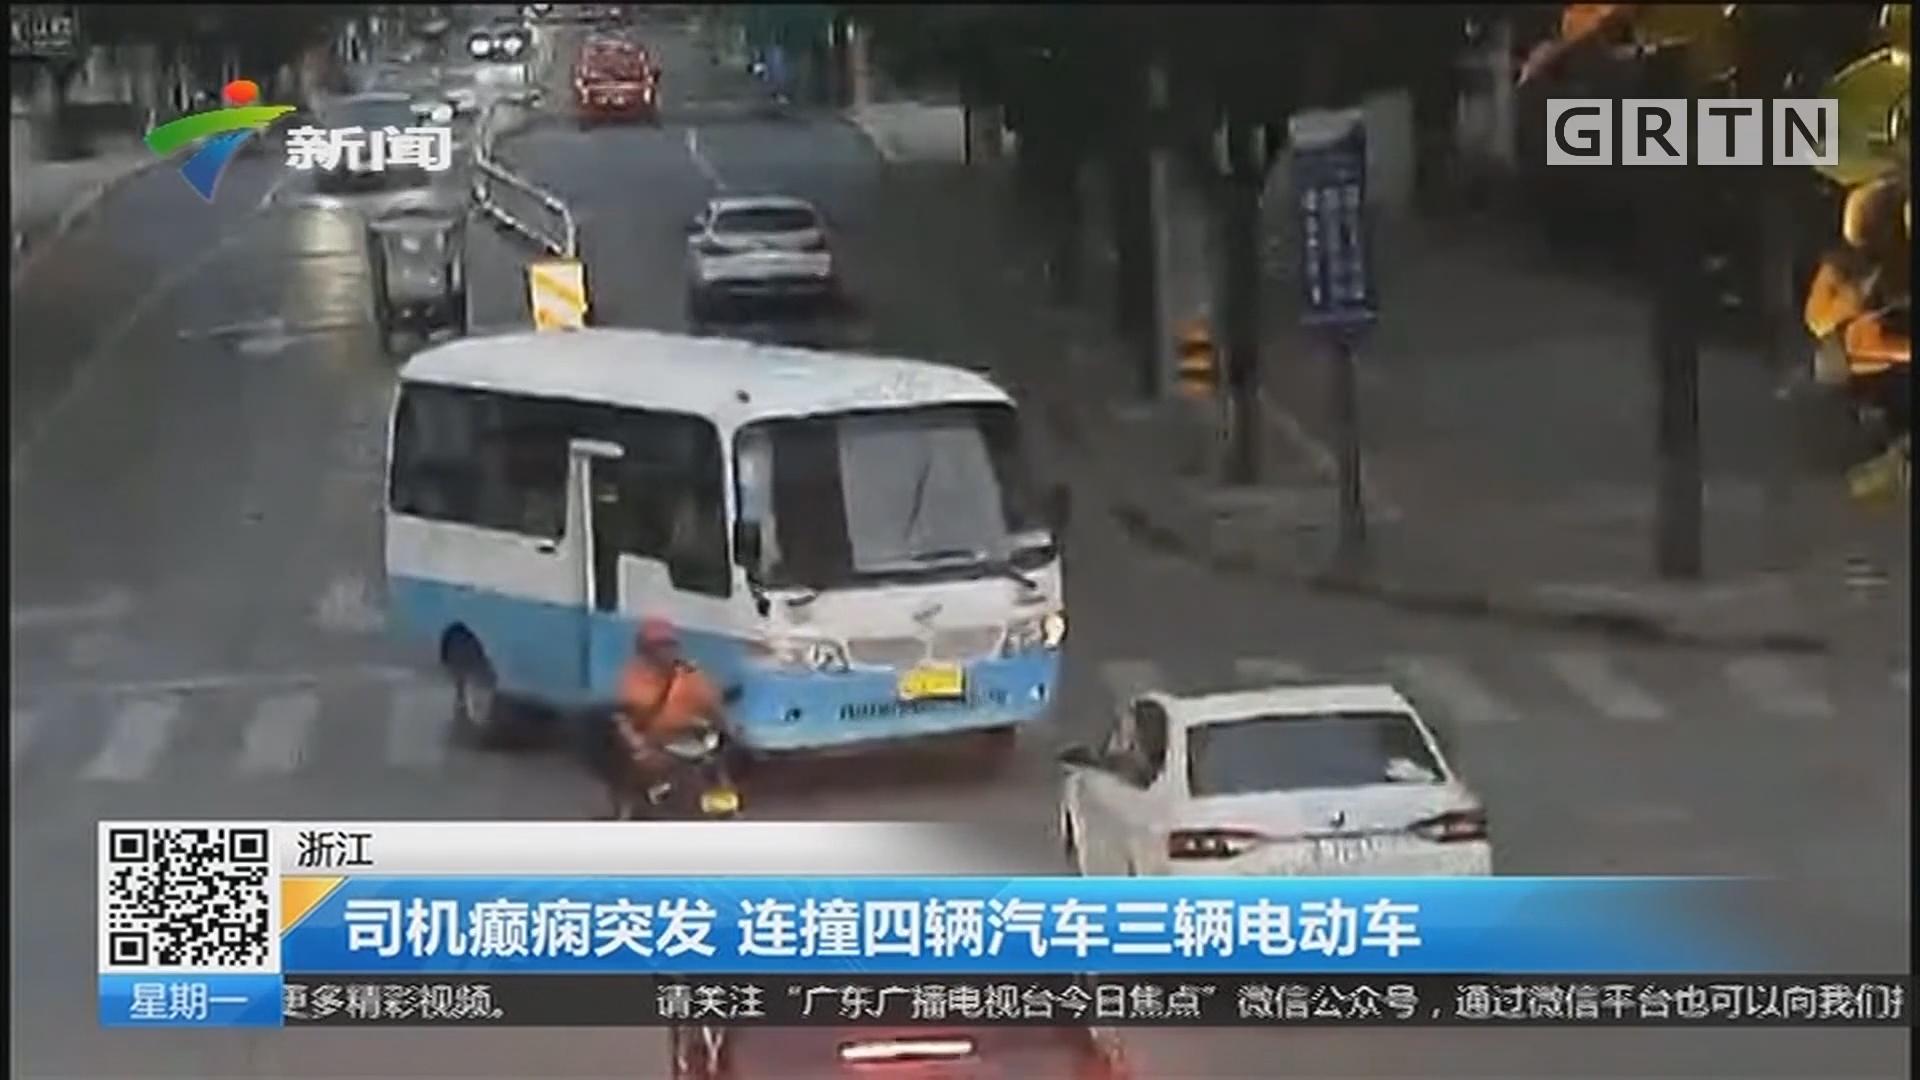 浙江:司机癫痫突发 连撞四辆汽车三辆电动车